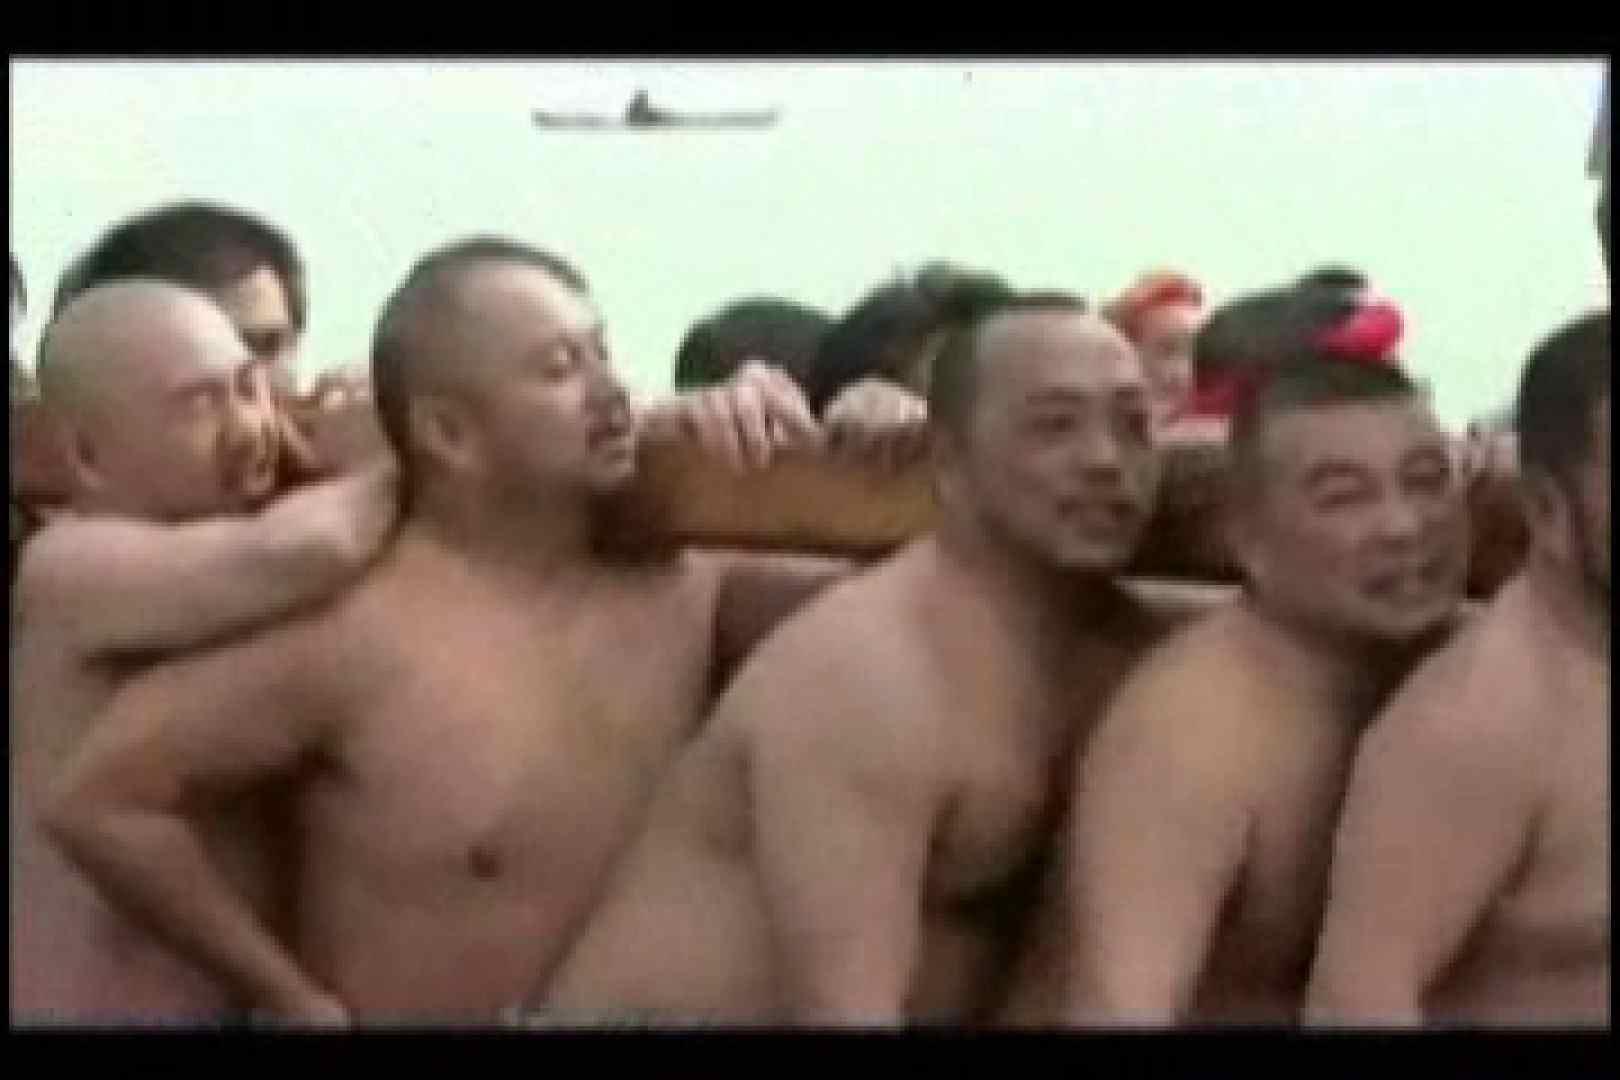 陰間茶屋 男児祭り VOL.2 男  113pic 17